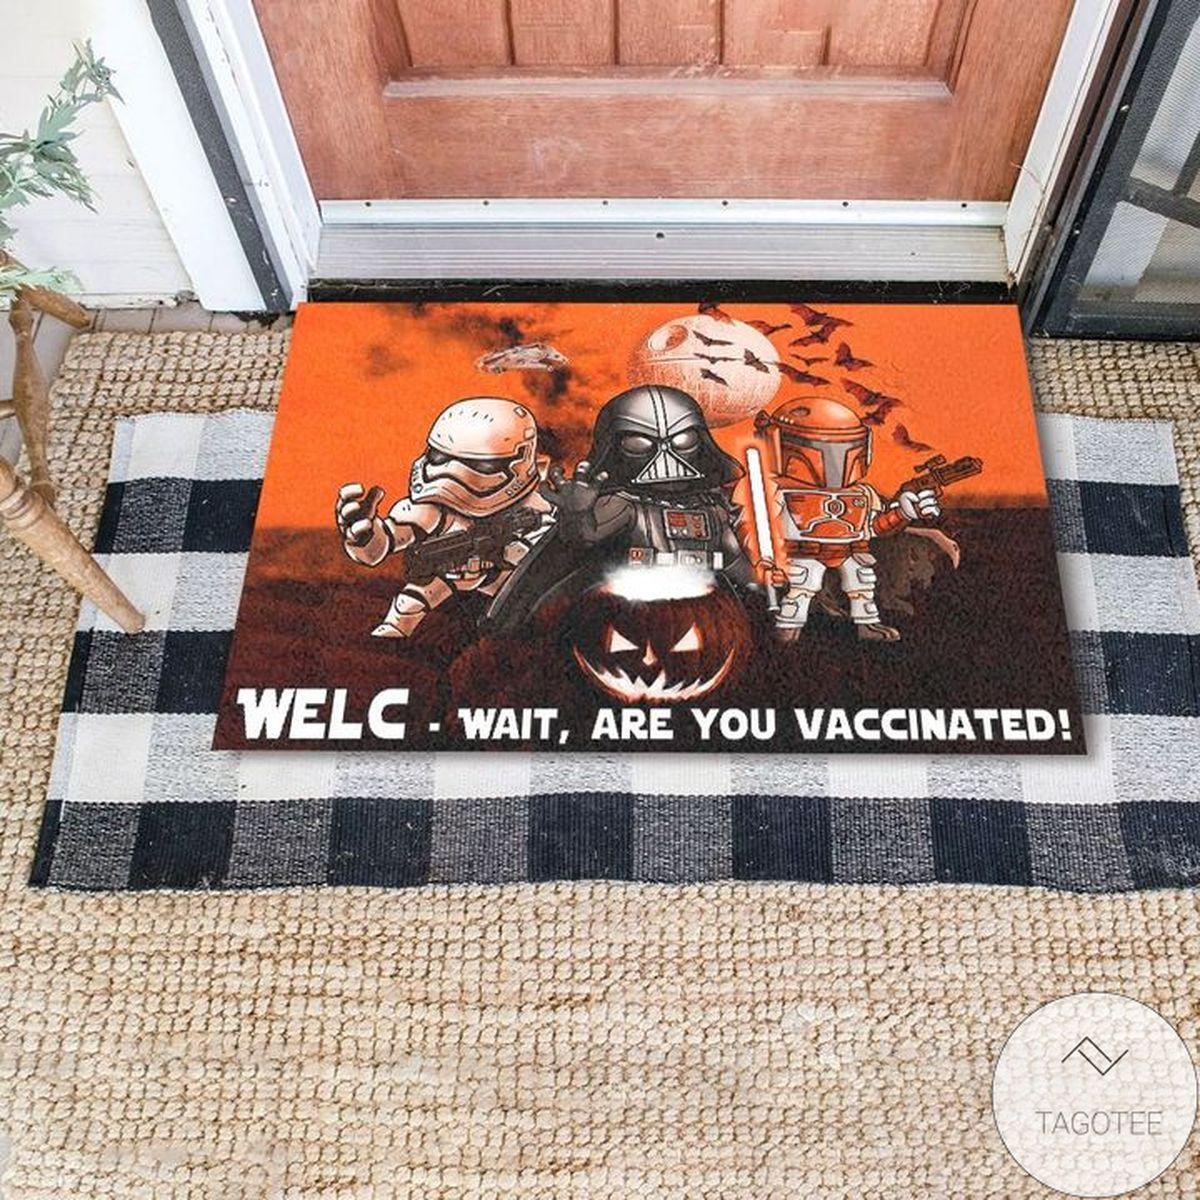 Star Wars Darth Vader Stormtrooper Boba Fett Halloween Night Are You Vaccinated Doormat